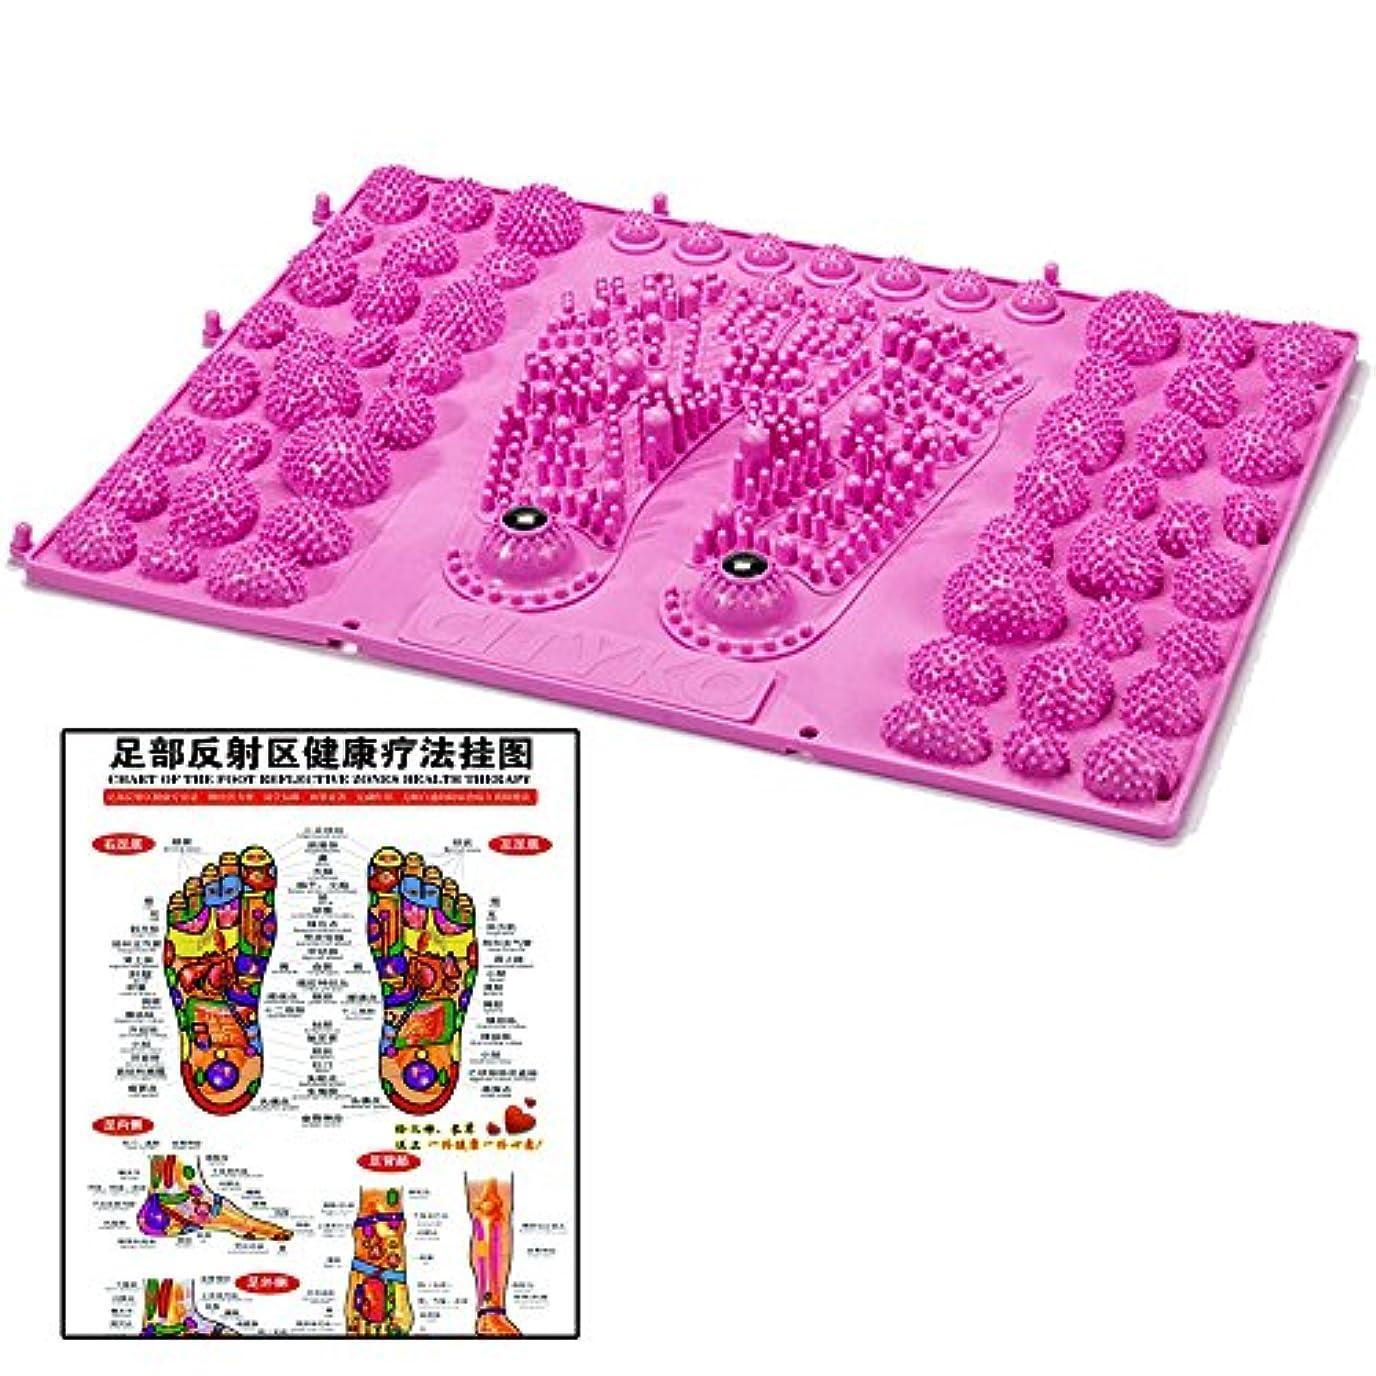 面倒考古学ノベルティ(POMAIKAI) 足型 足ツボ 健康 マット ダイエット 足裏マッサージ 反射区 マップ セット (ピンク)